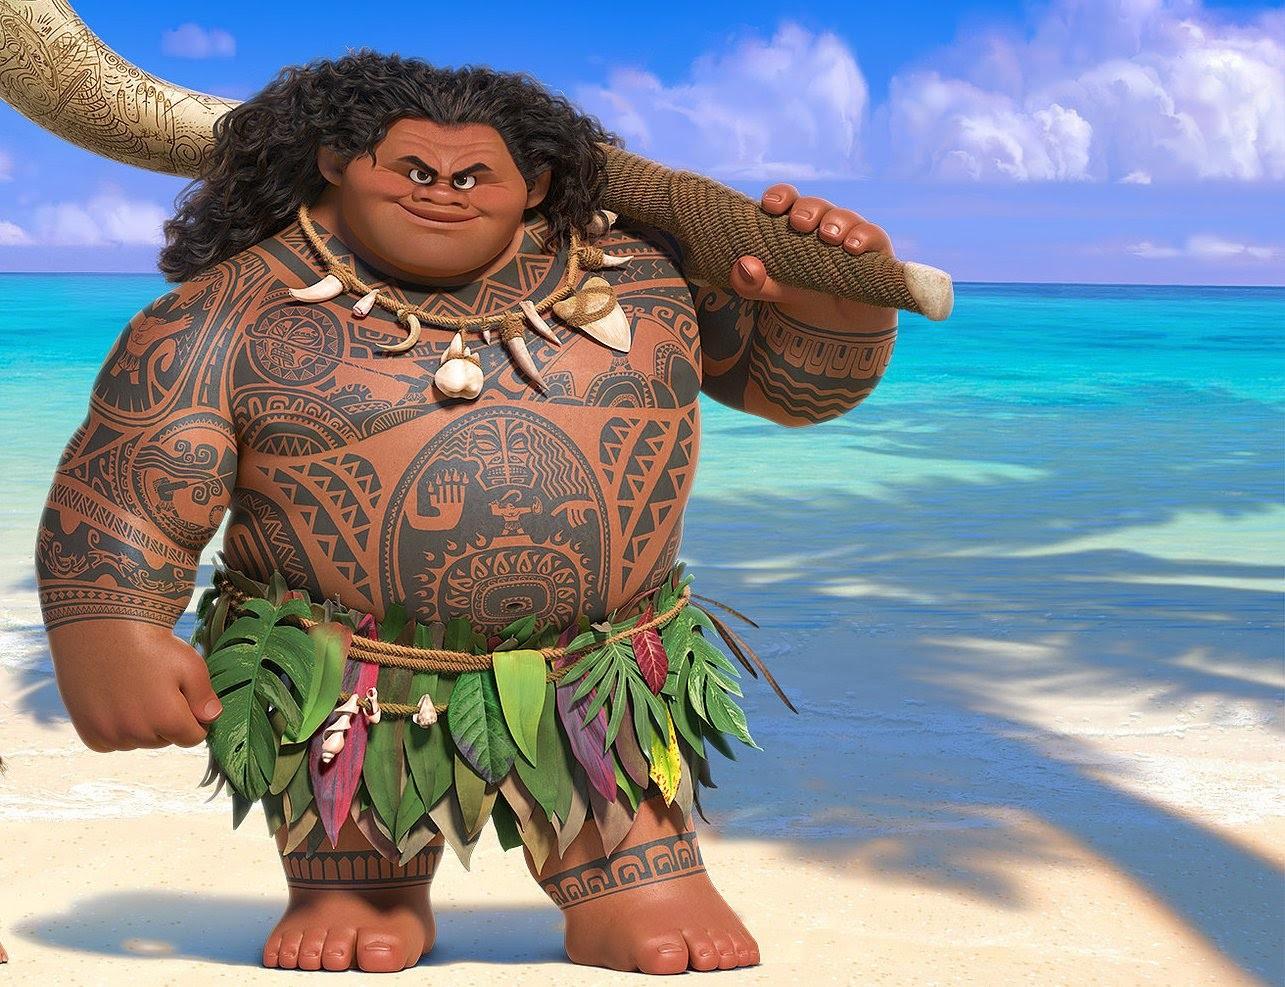 'Mama, waarom heeft Maui geen tepels?'